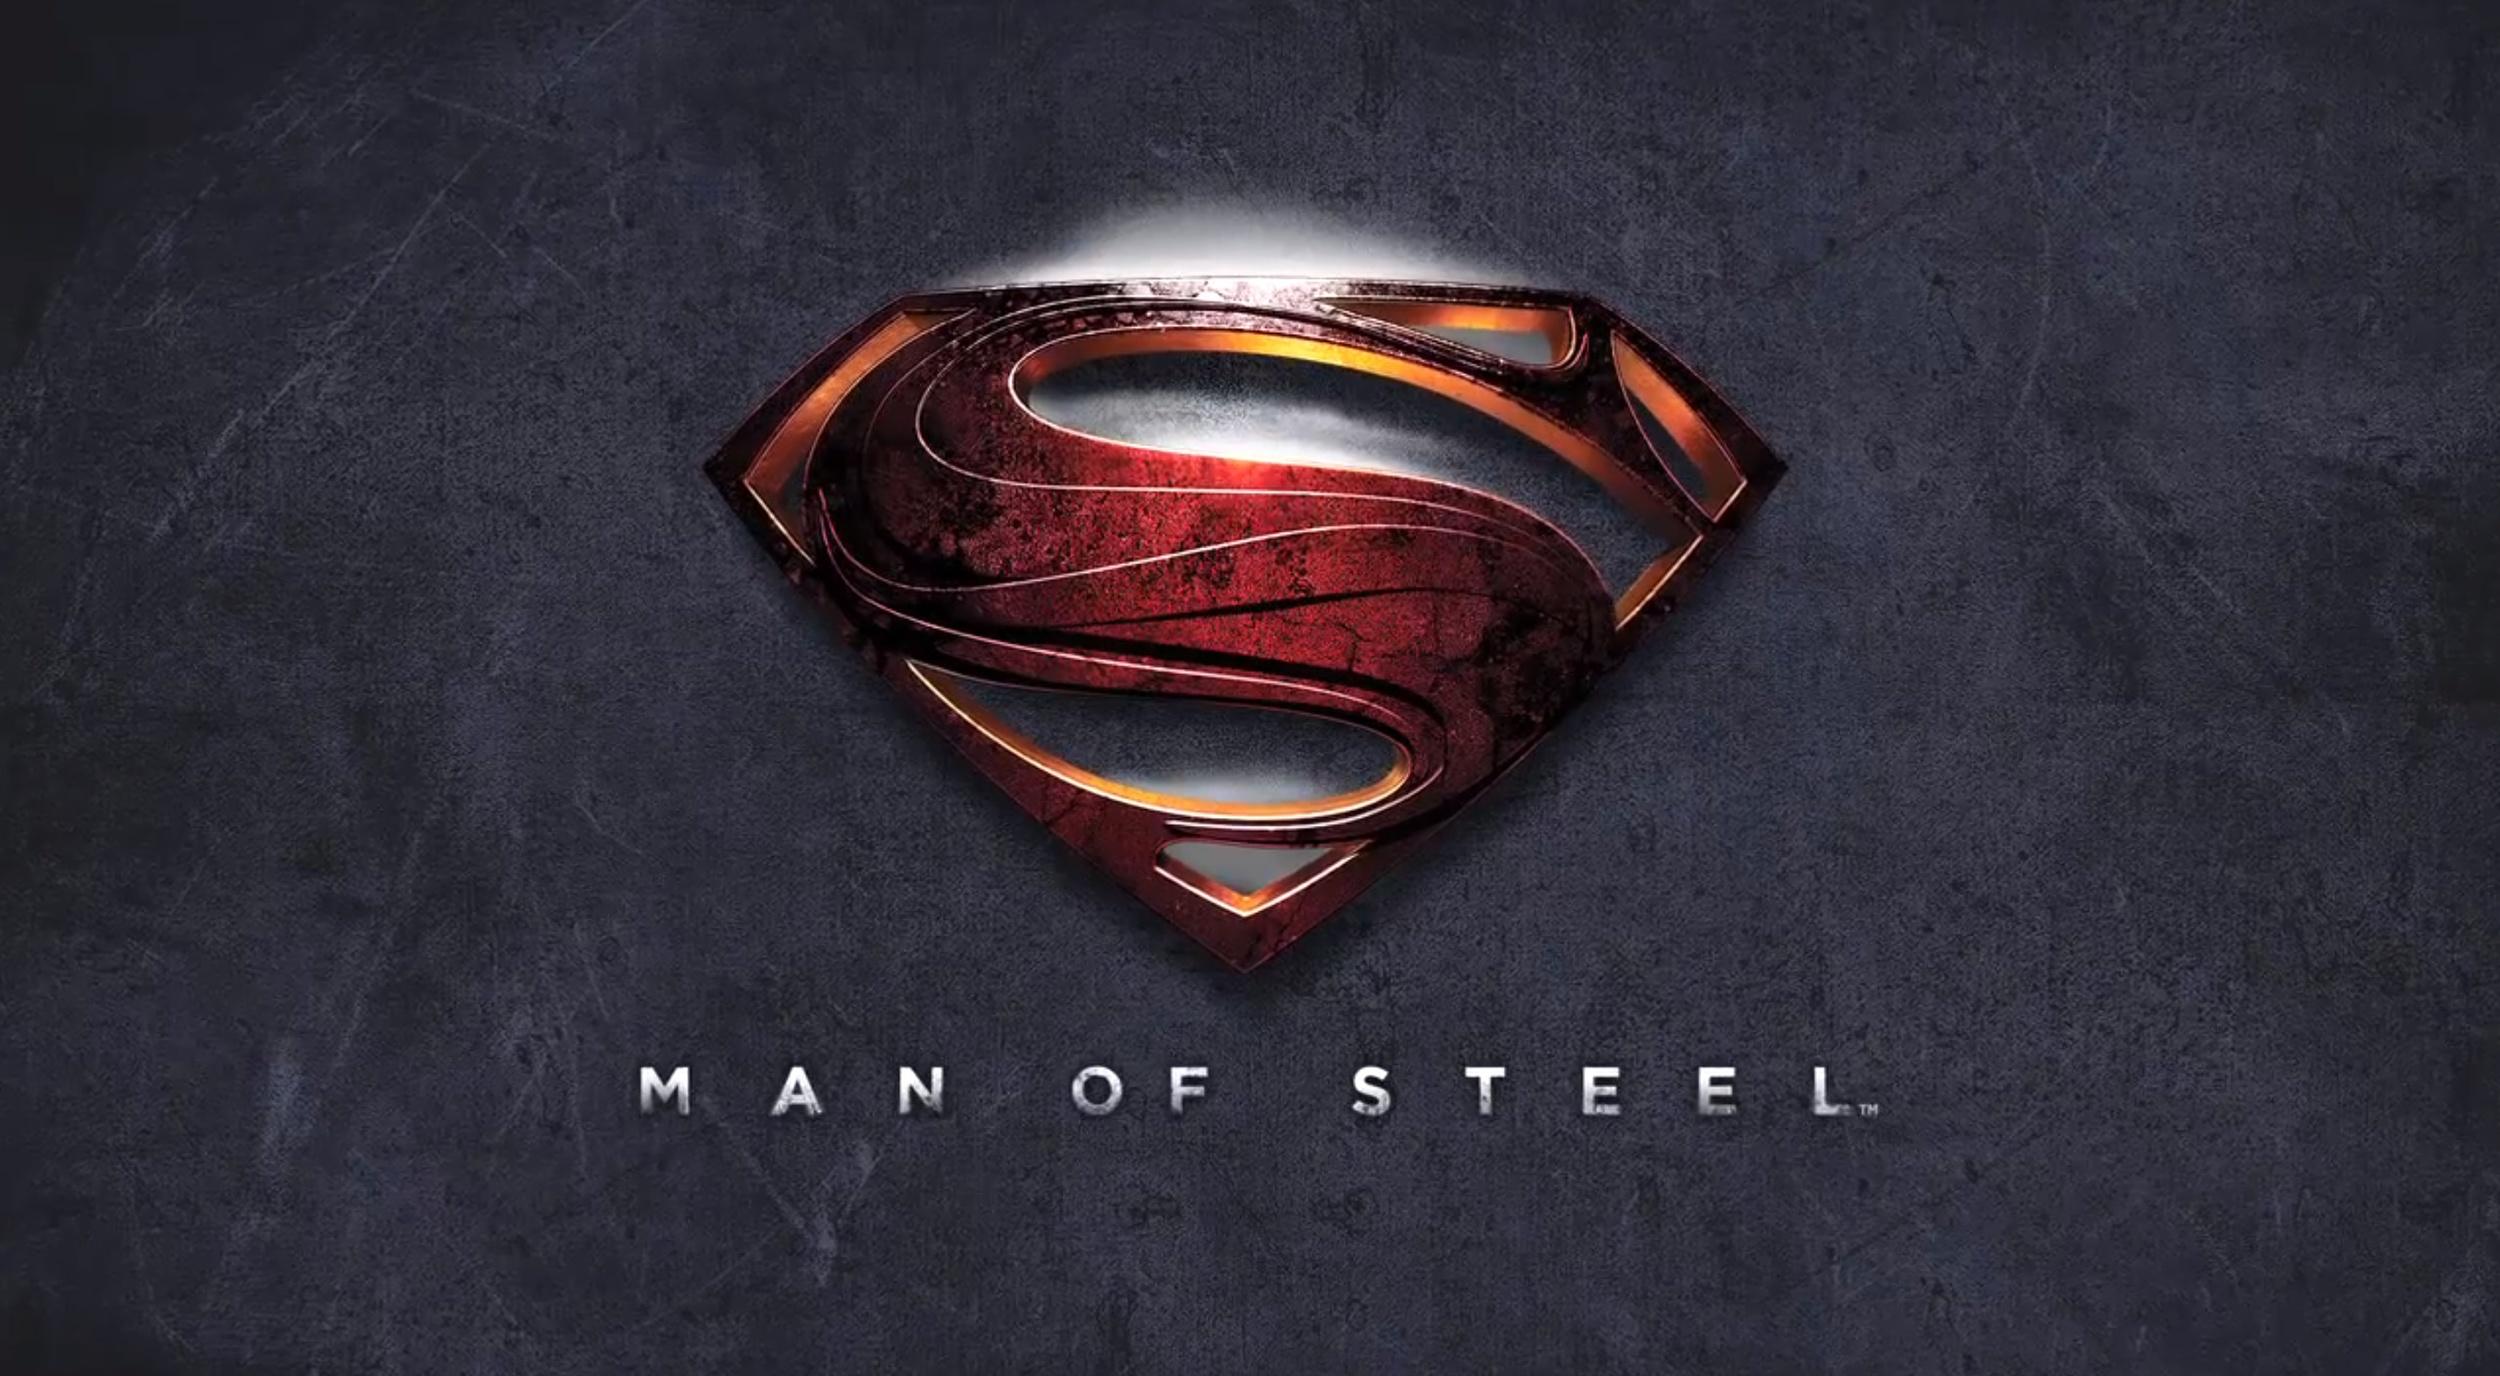 Man of Steel iOS game